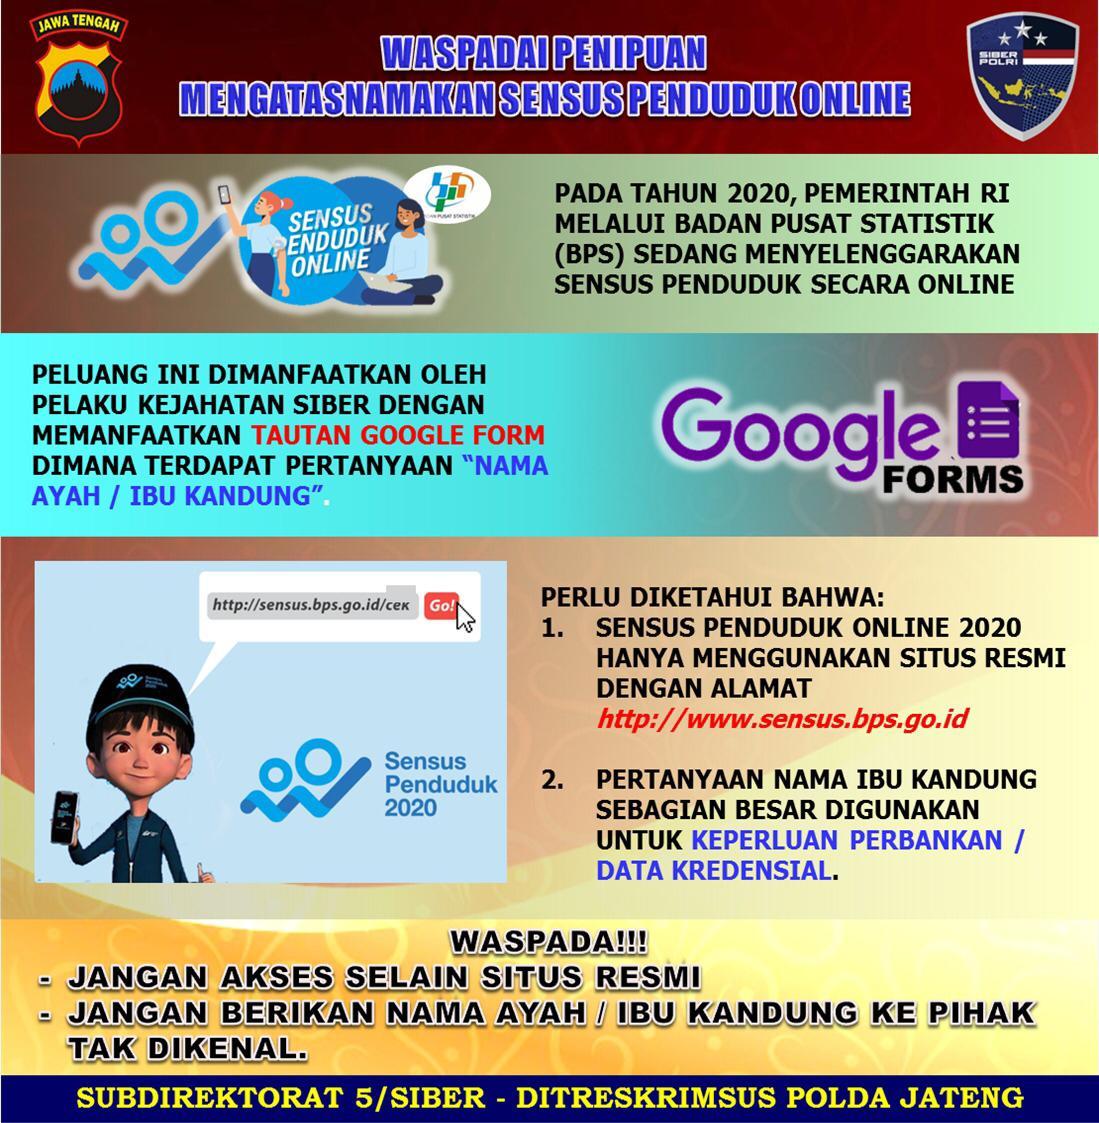 Replying to @ndorokakung: Awas penipuan dengan mencatut situs sensus online